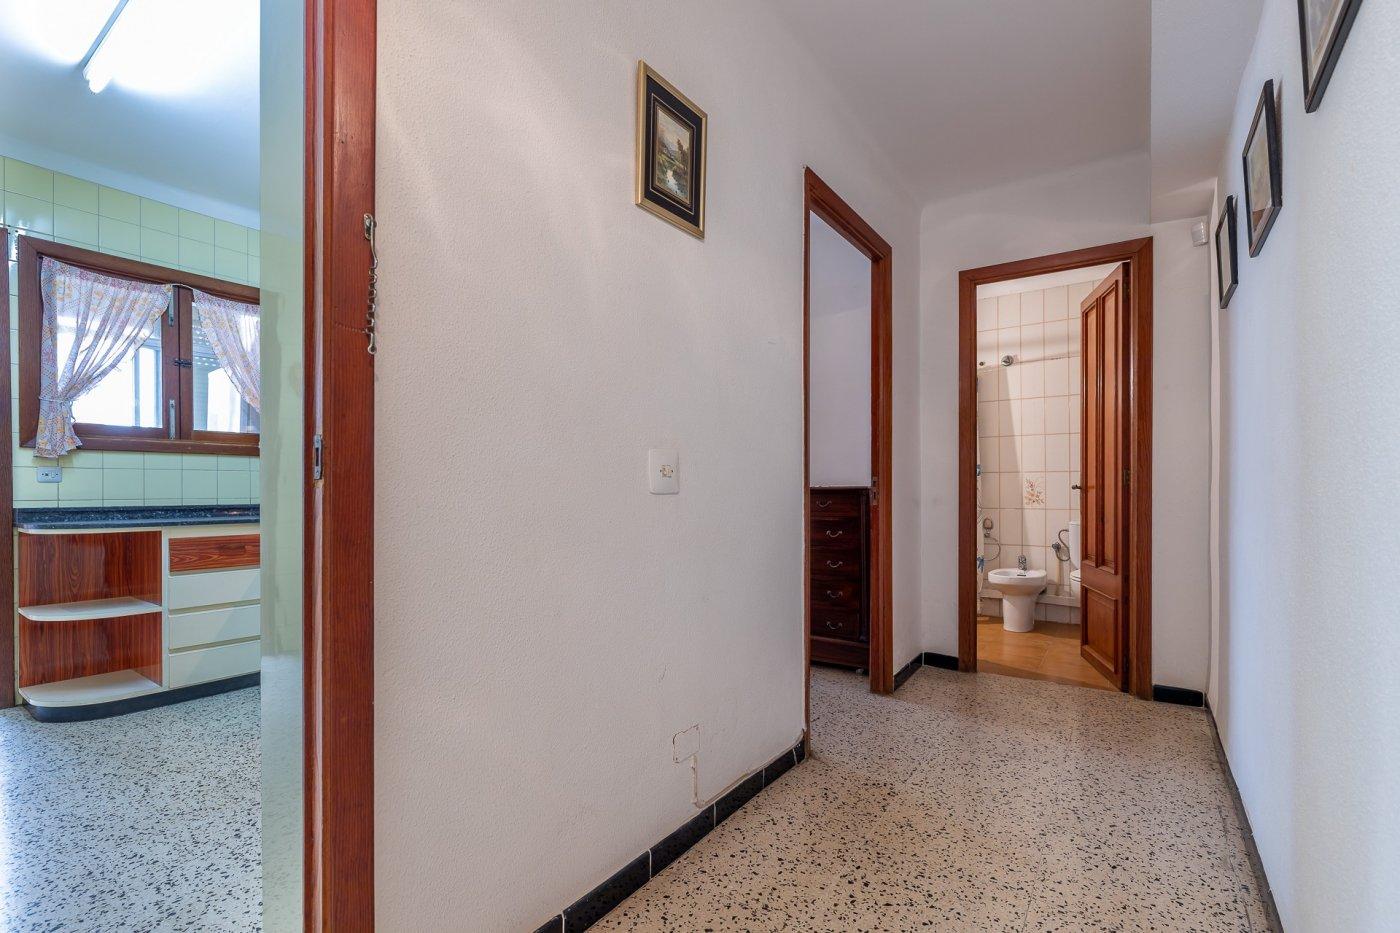 Piso de tres dormitorios en arenal de palma (balneario 3) - imagenInmueble10